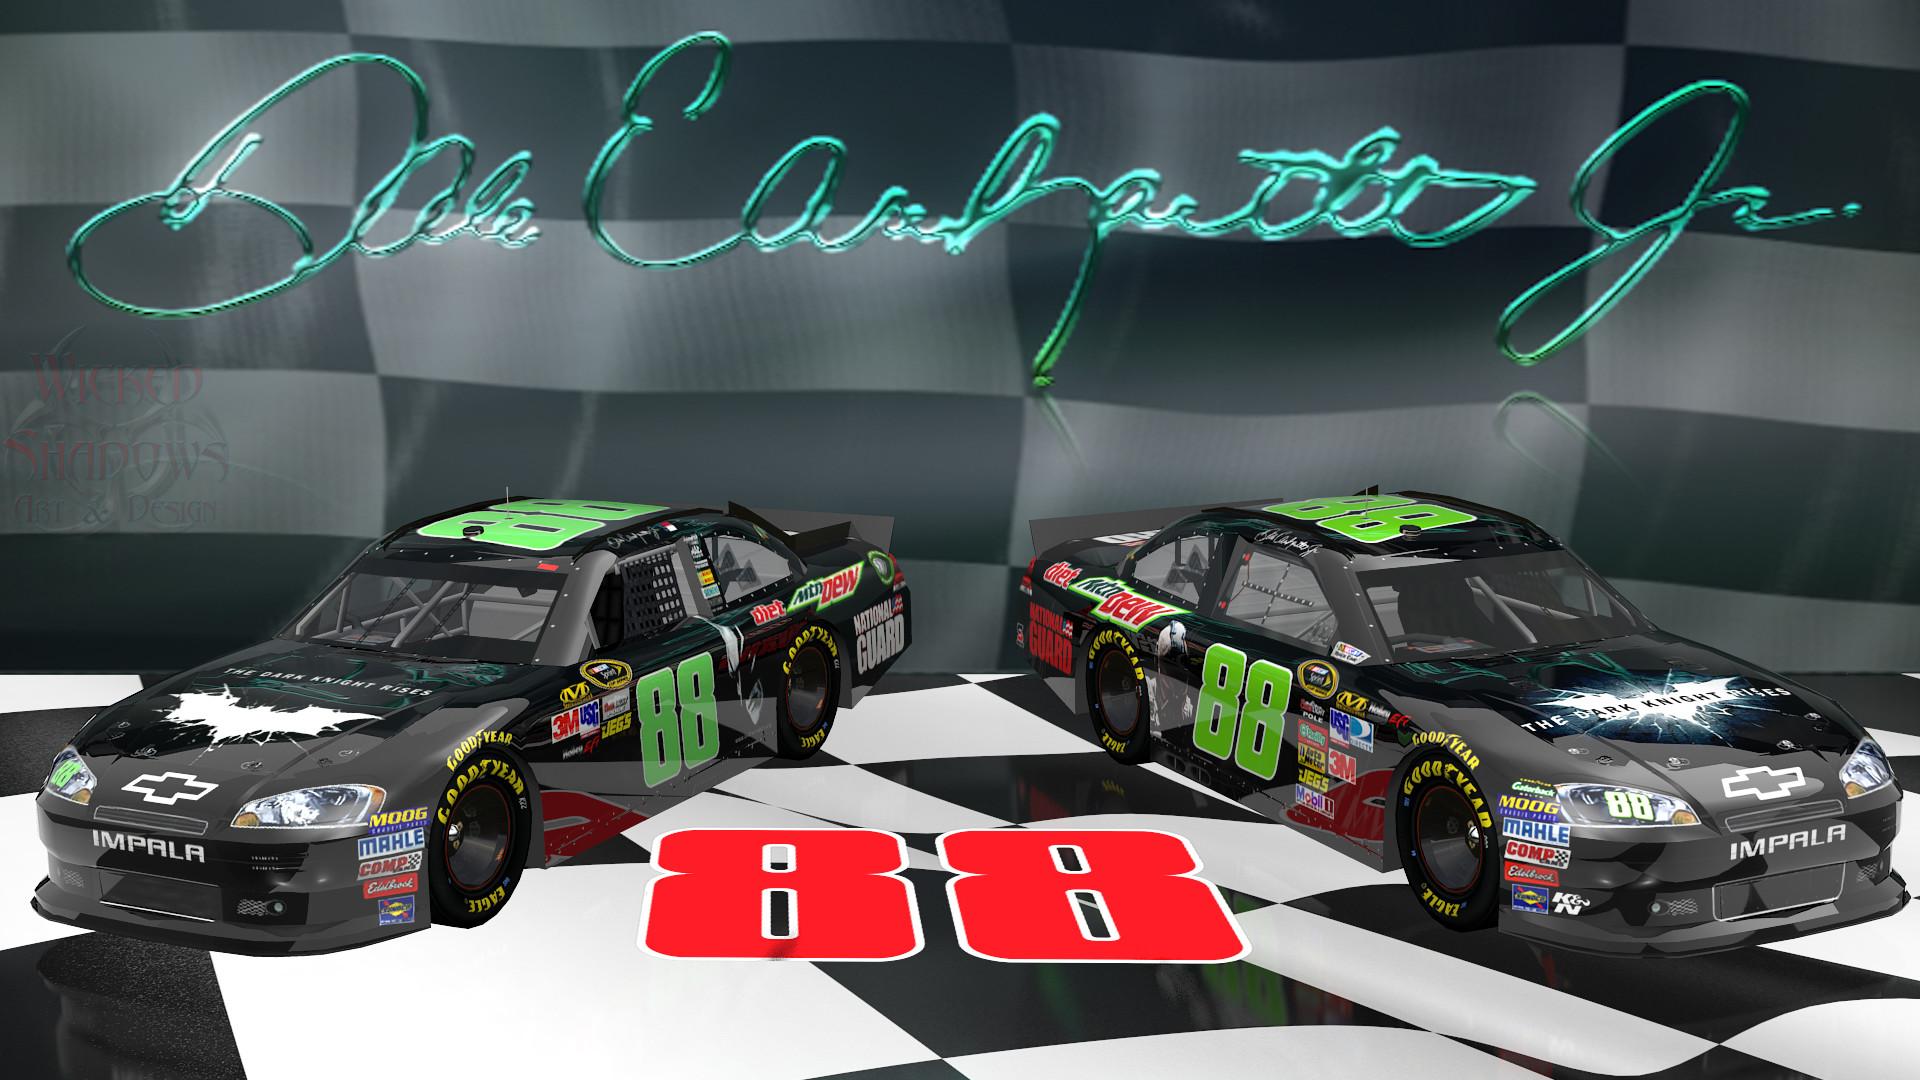 Dale Earnhardt Jr Dale Earnhardt Jr Victory Lane Dark Knight wallpaper .